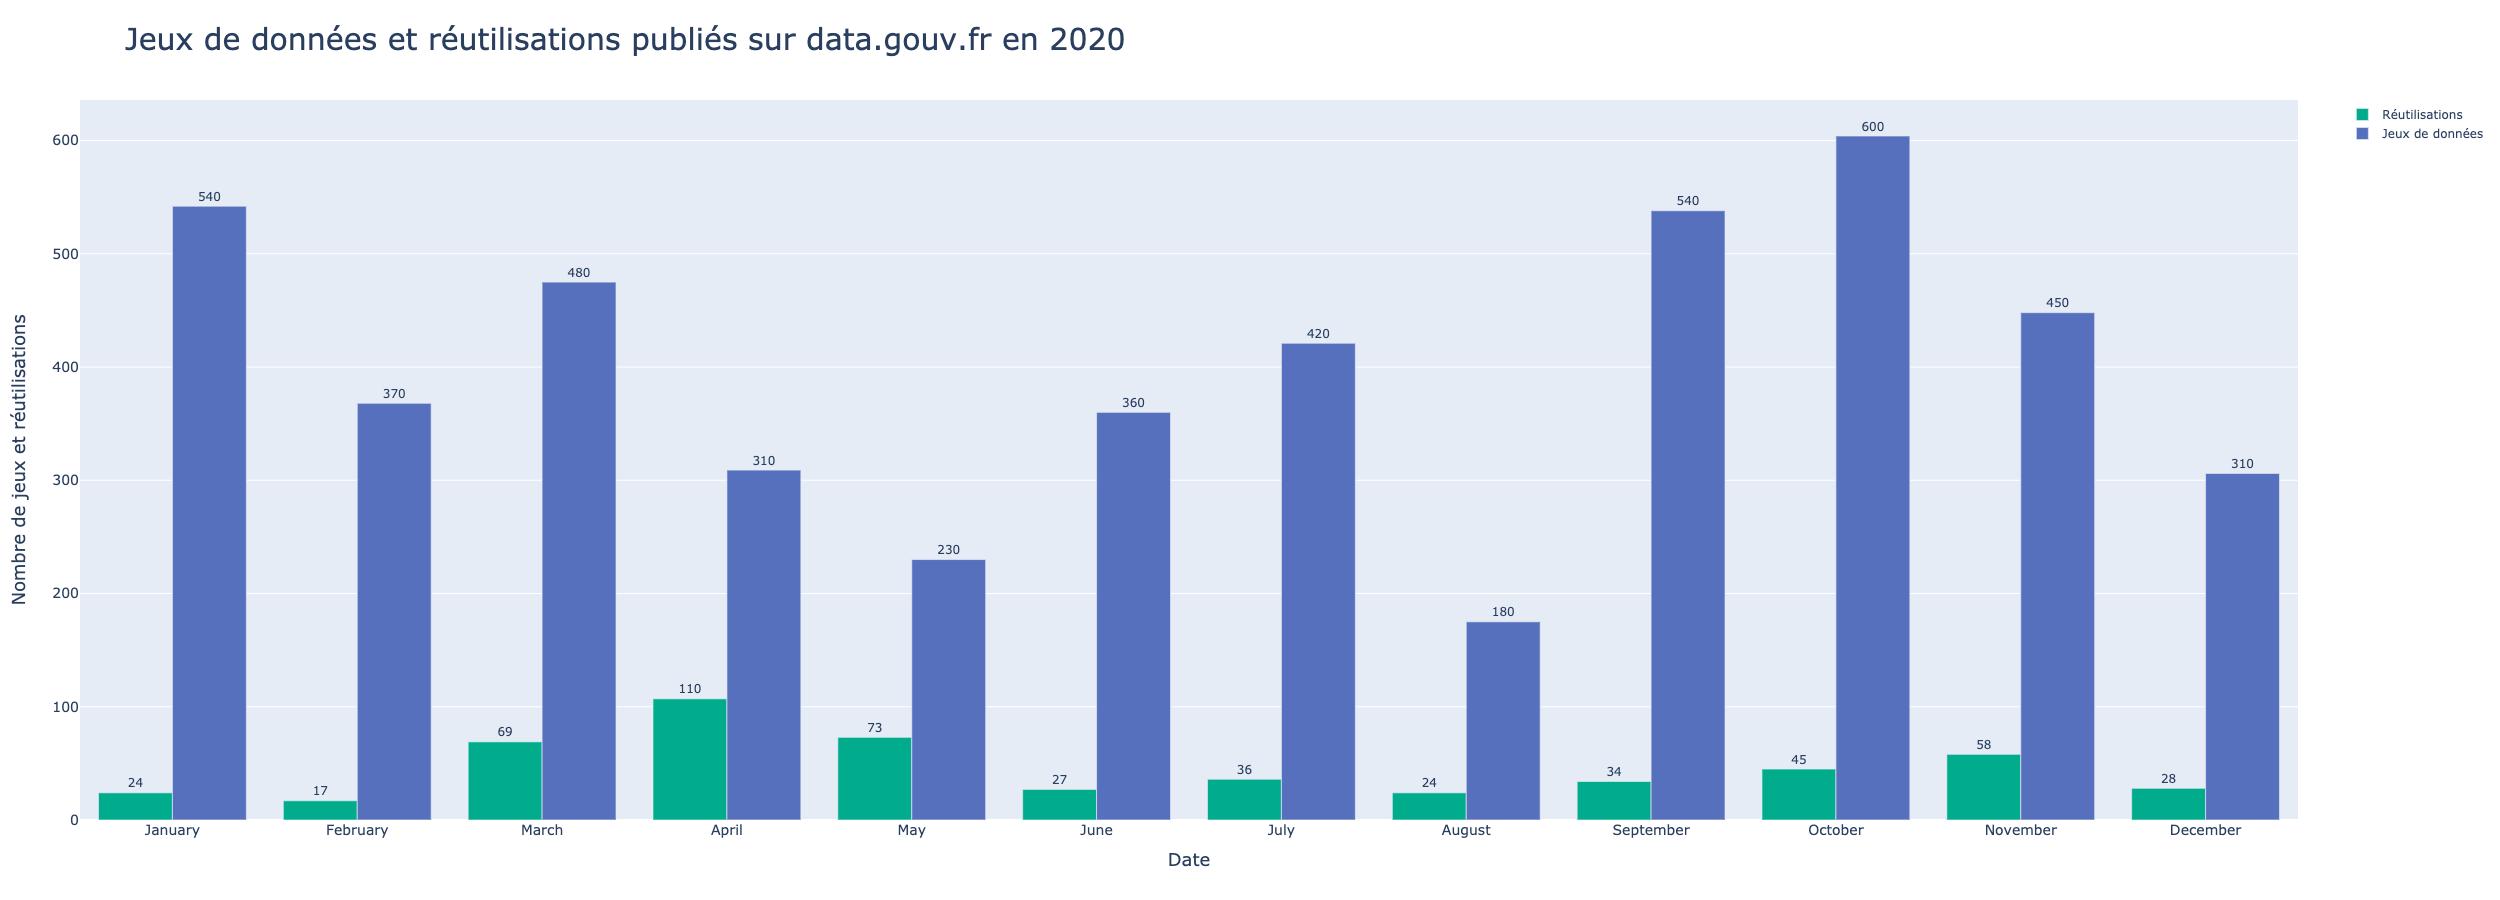 Jeux de données et réutilisations publiés sur data.gouv.fr en 2020